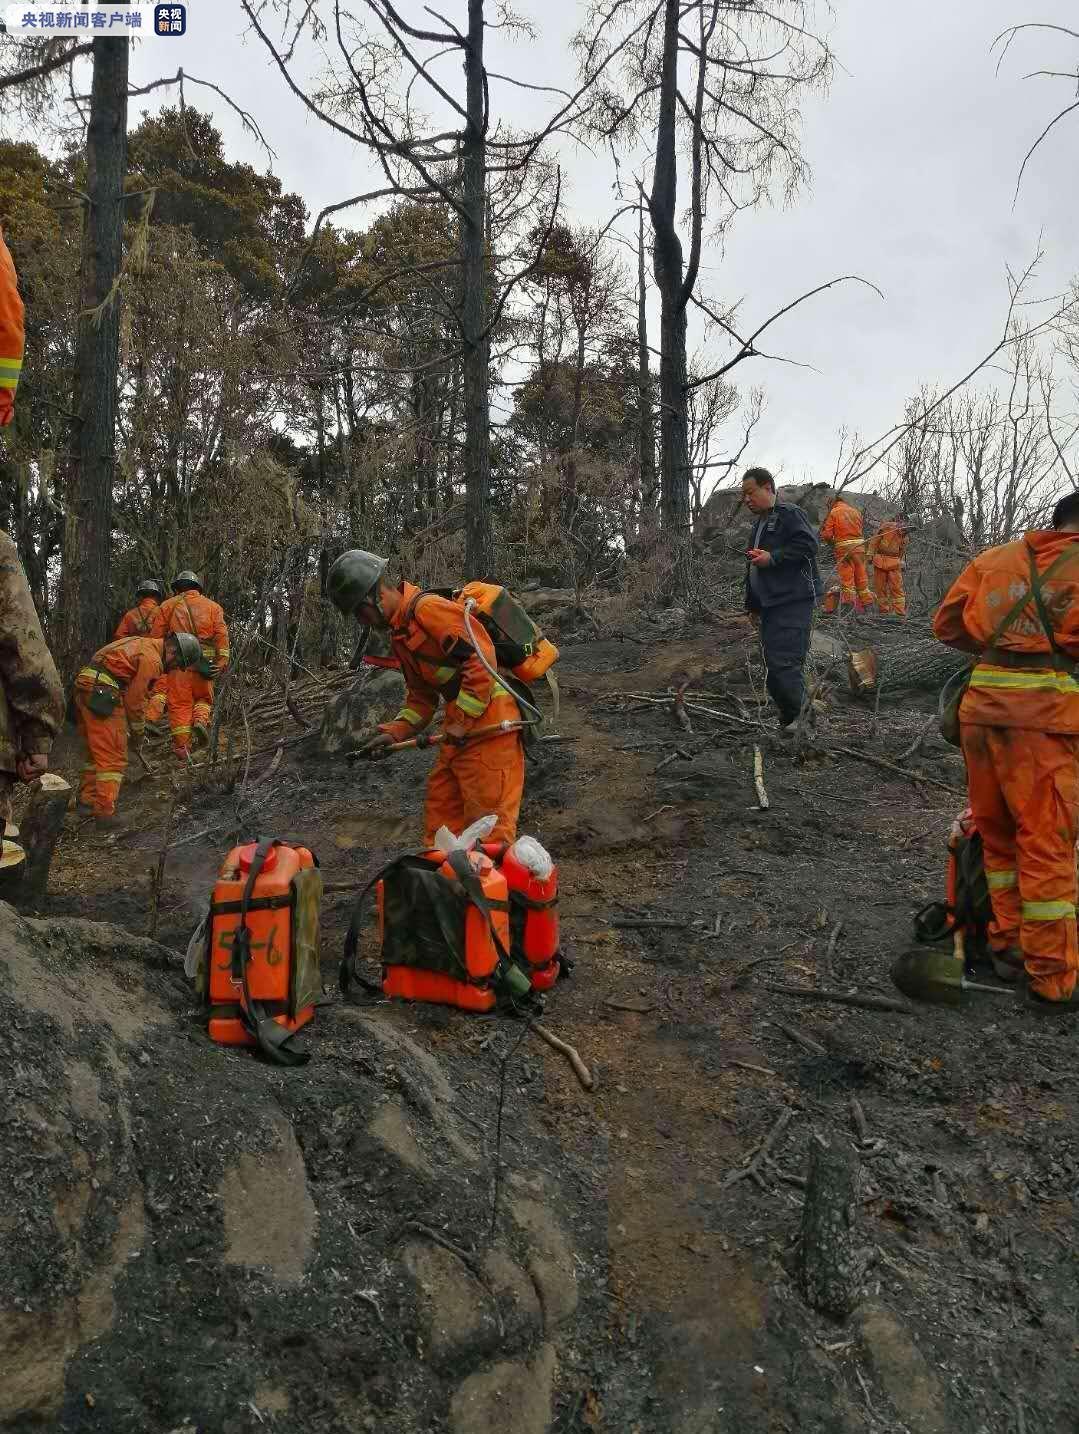 四川甘孜州九龙县森林火灾火势得到有效控制图片